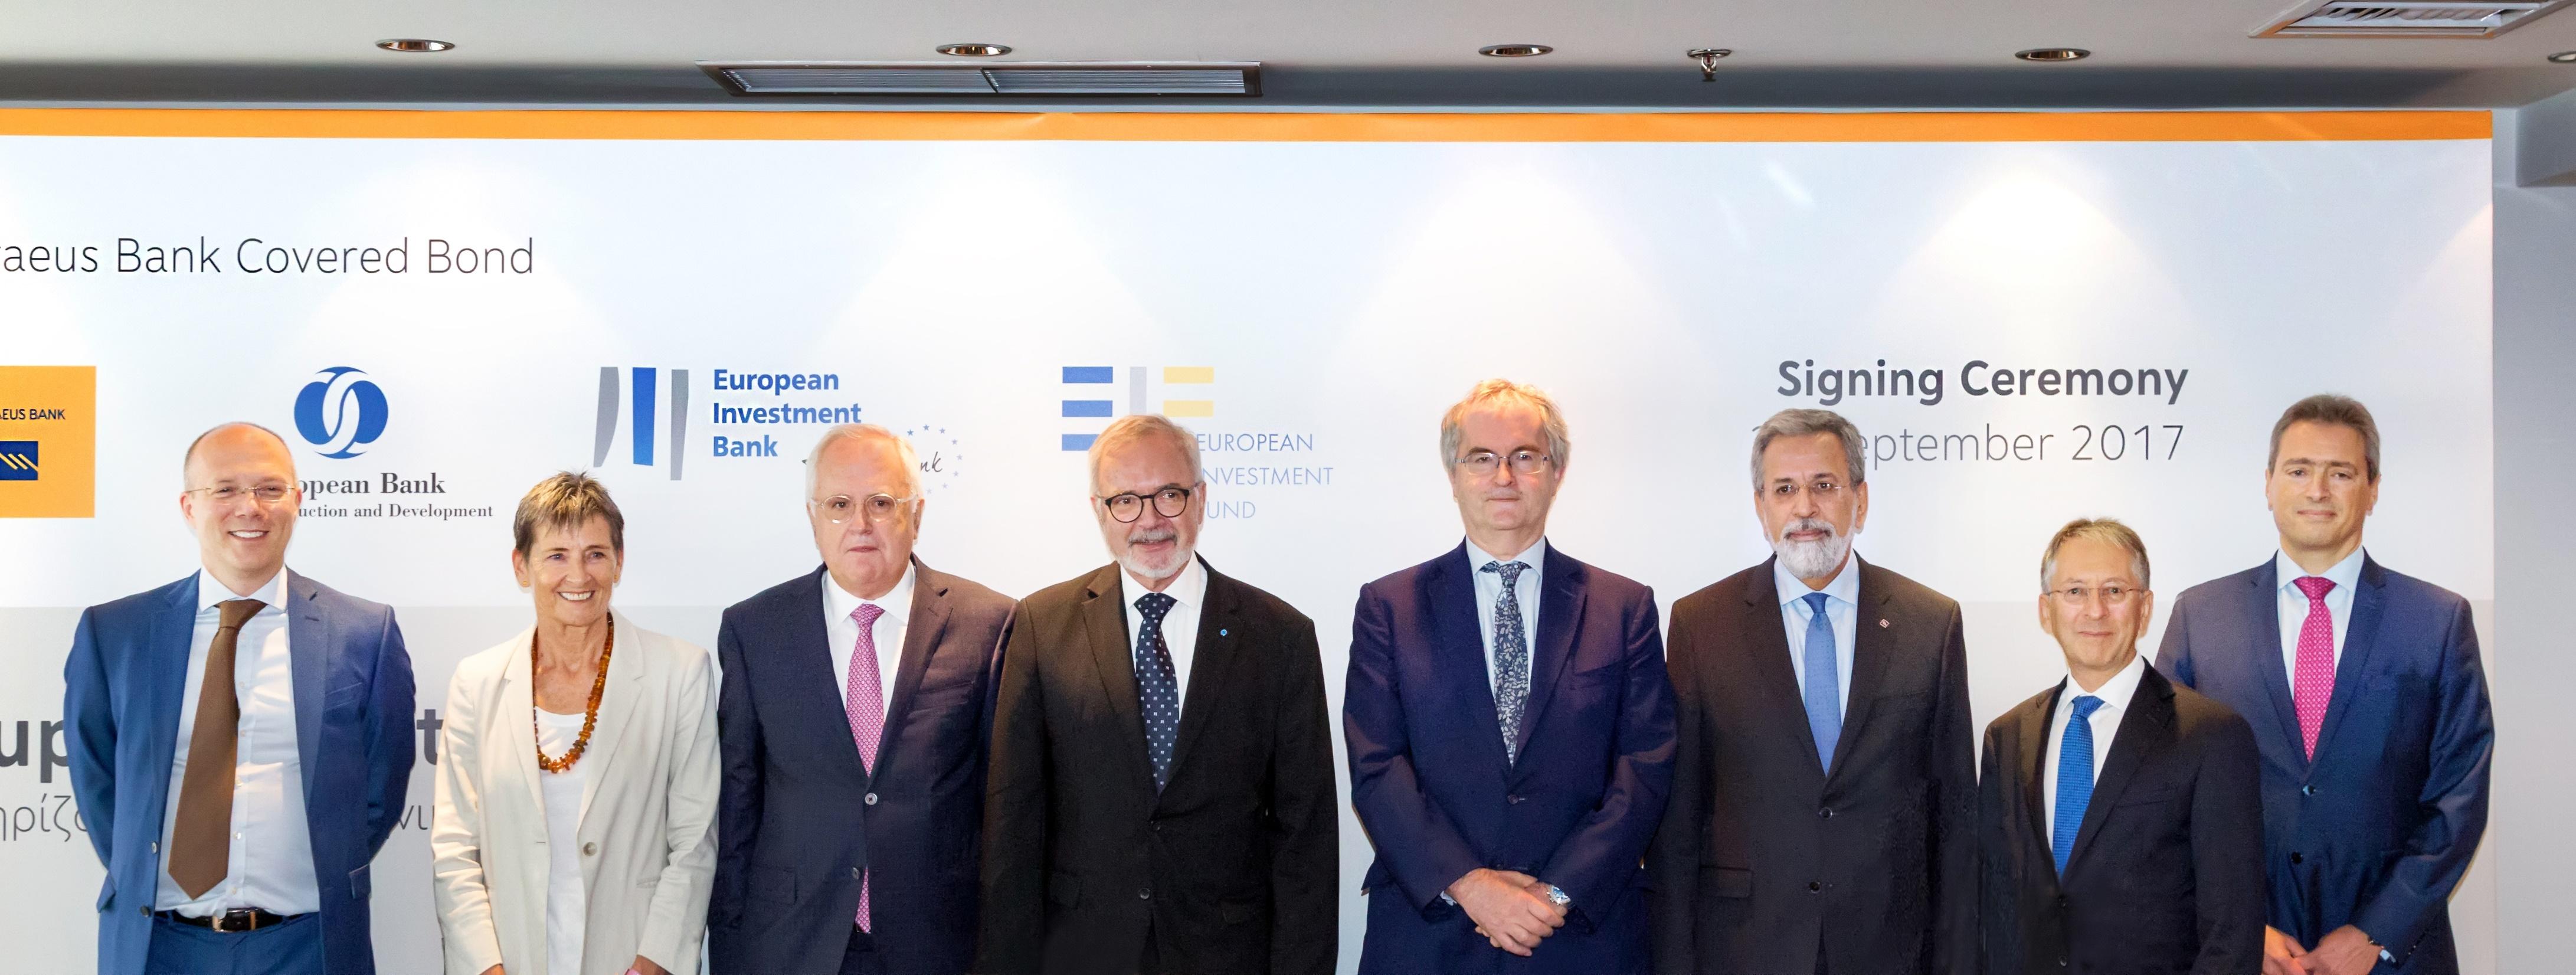 Τρ. Πειραιώς: Έκδοση καλυμμένου ομολόγου €500 εκατ. για χρηματοδότηση ΜμΕ